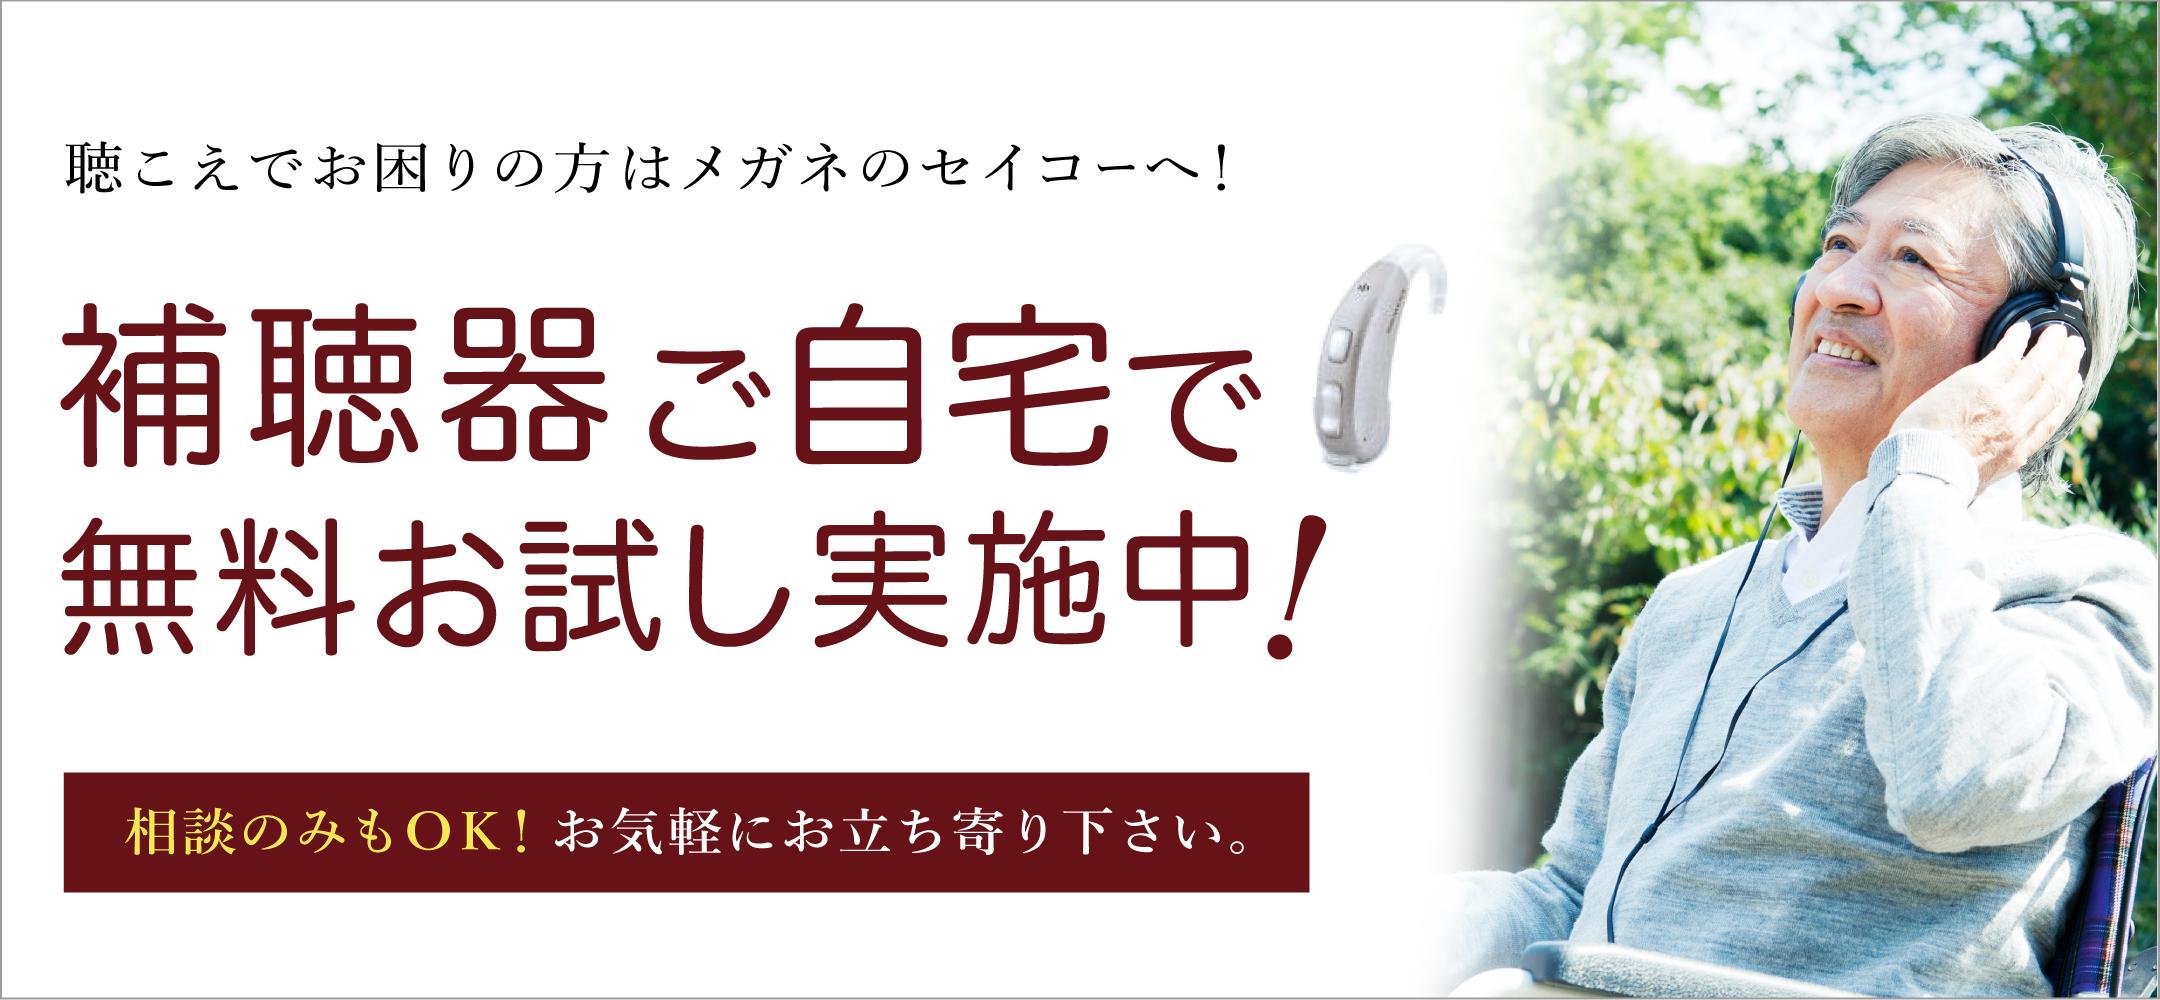 「聴こえ」でお困りの方は眼鏡のセイコーへ!補聴器をご自宅で無料でお試しできるキャンペーンを実施中です!相談のみも可能!お気軽にお立ち寄りください。